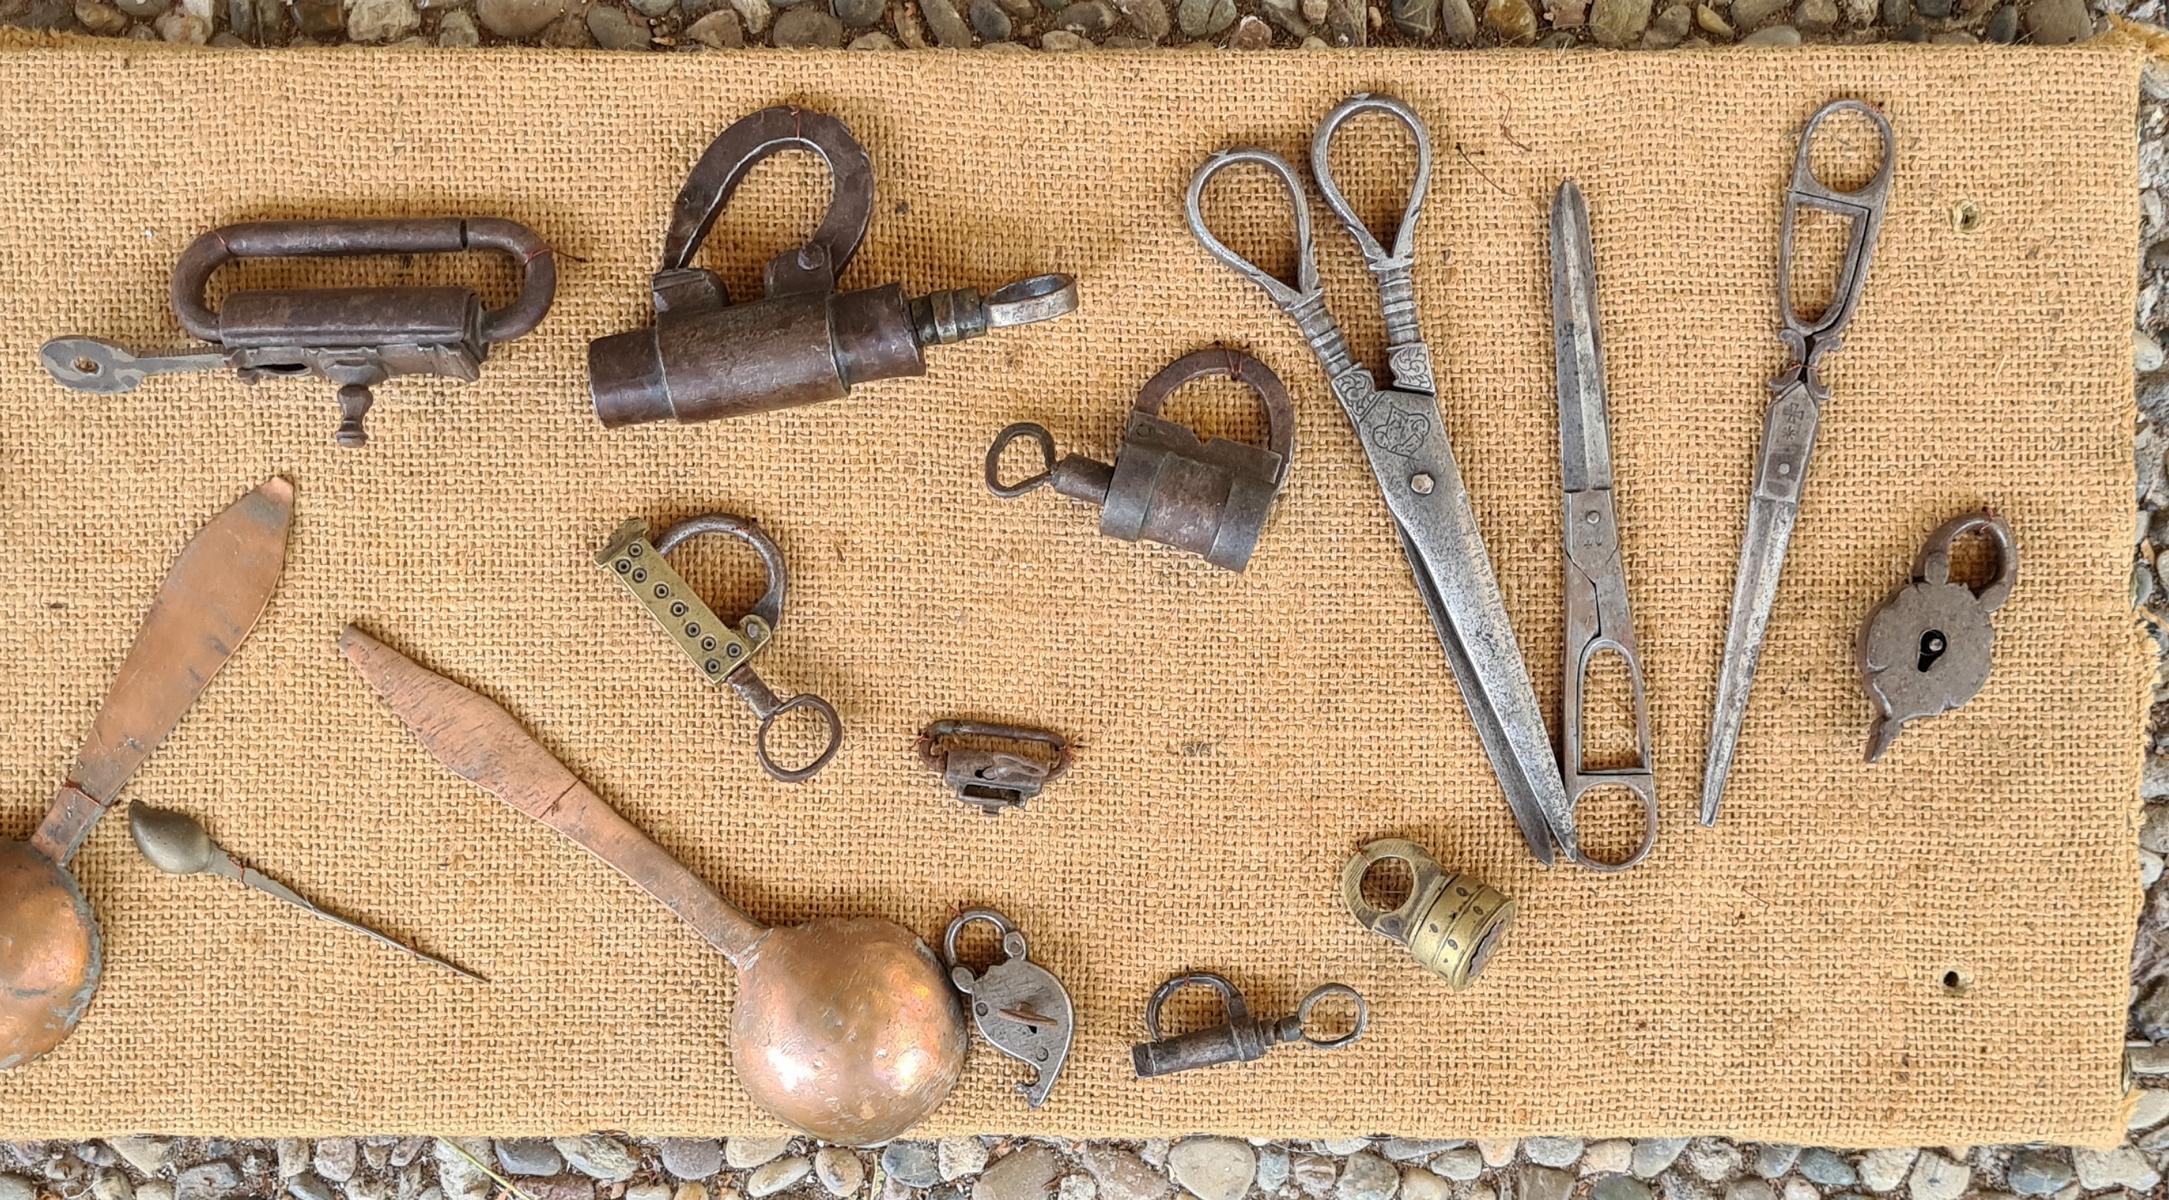 Sammlung Vorhängeschlössern mit Schlüssel, Löffel und Scheren, 18./19. Jahrhundert-4